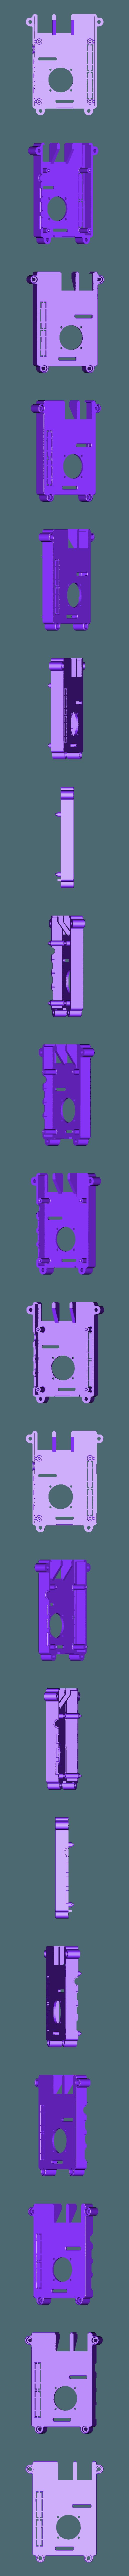 STANDARD_25MM_SLOTTED_BLANK.STL Télécharger fichier STL gratuit Étui Pi 4B Framboise Framboise • Objet pour imprimante 3D, mkellsy